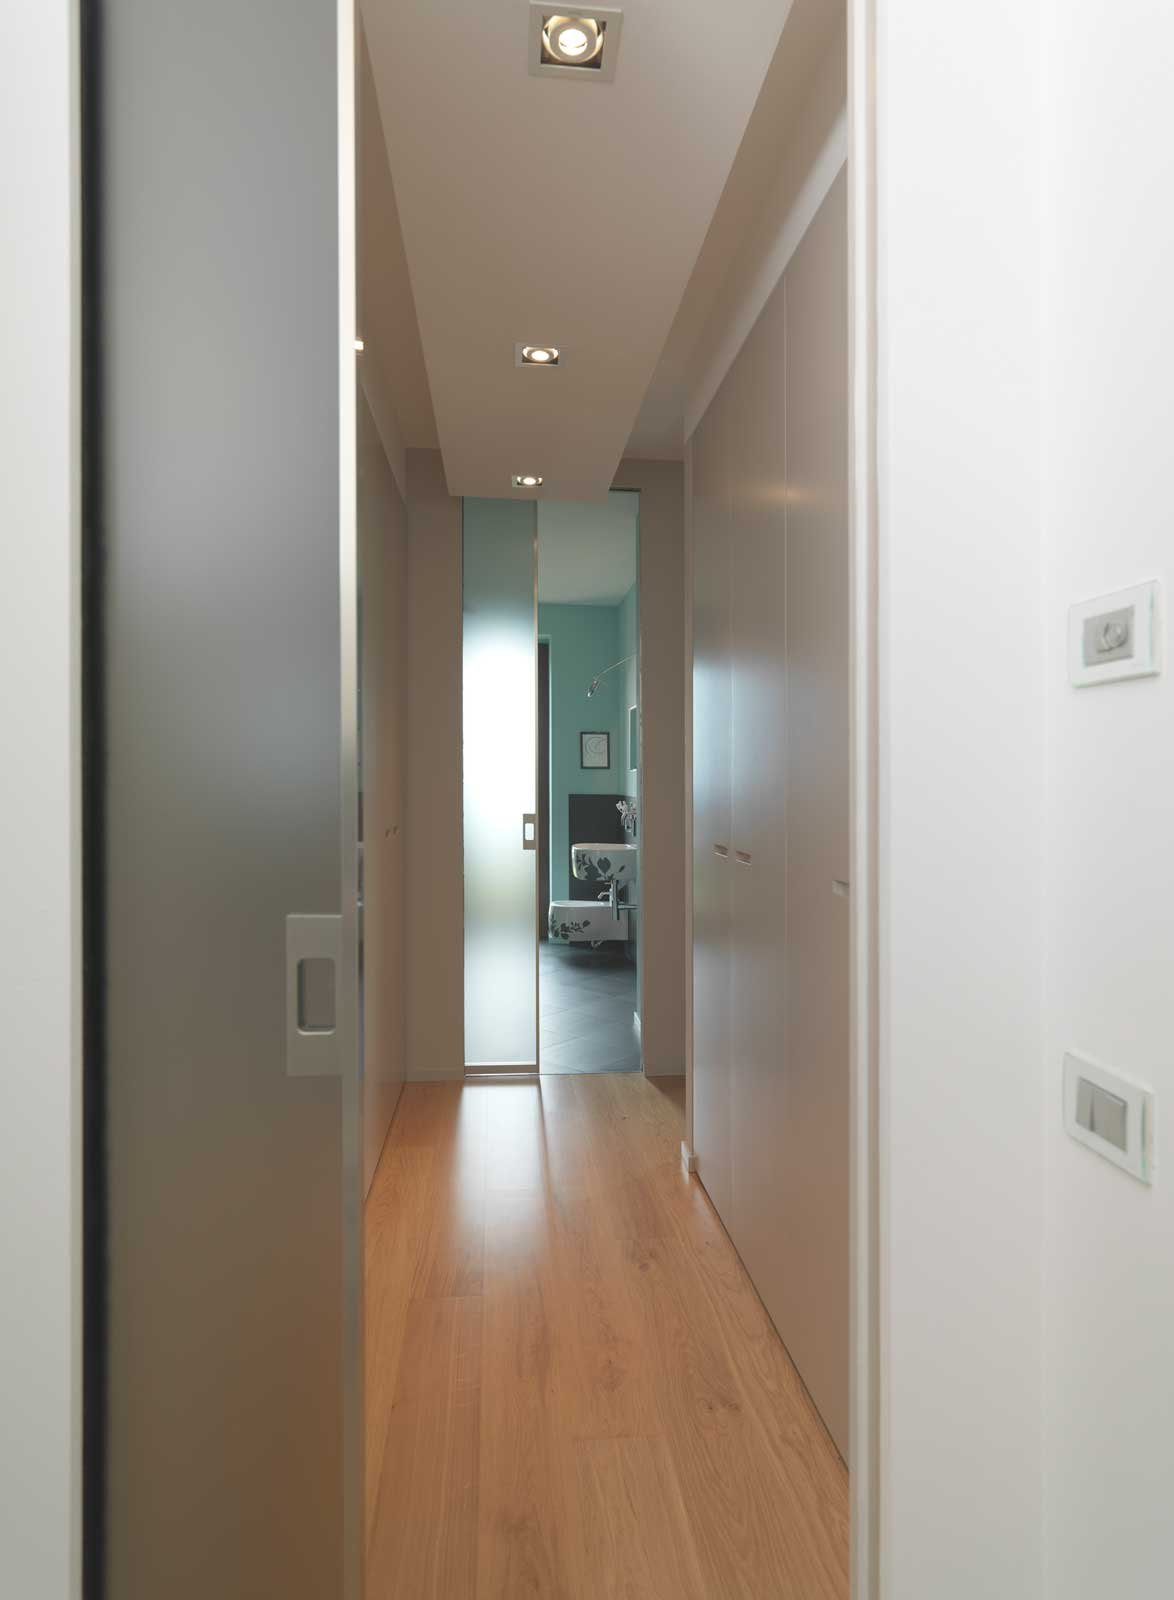 Come scegliere la porta scorrevole per il bagno cose di casa - Vetro per porta prezzo ...